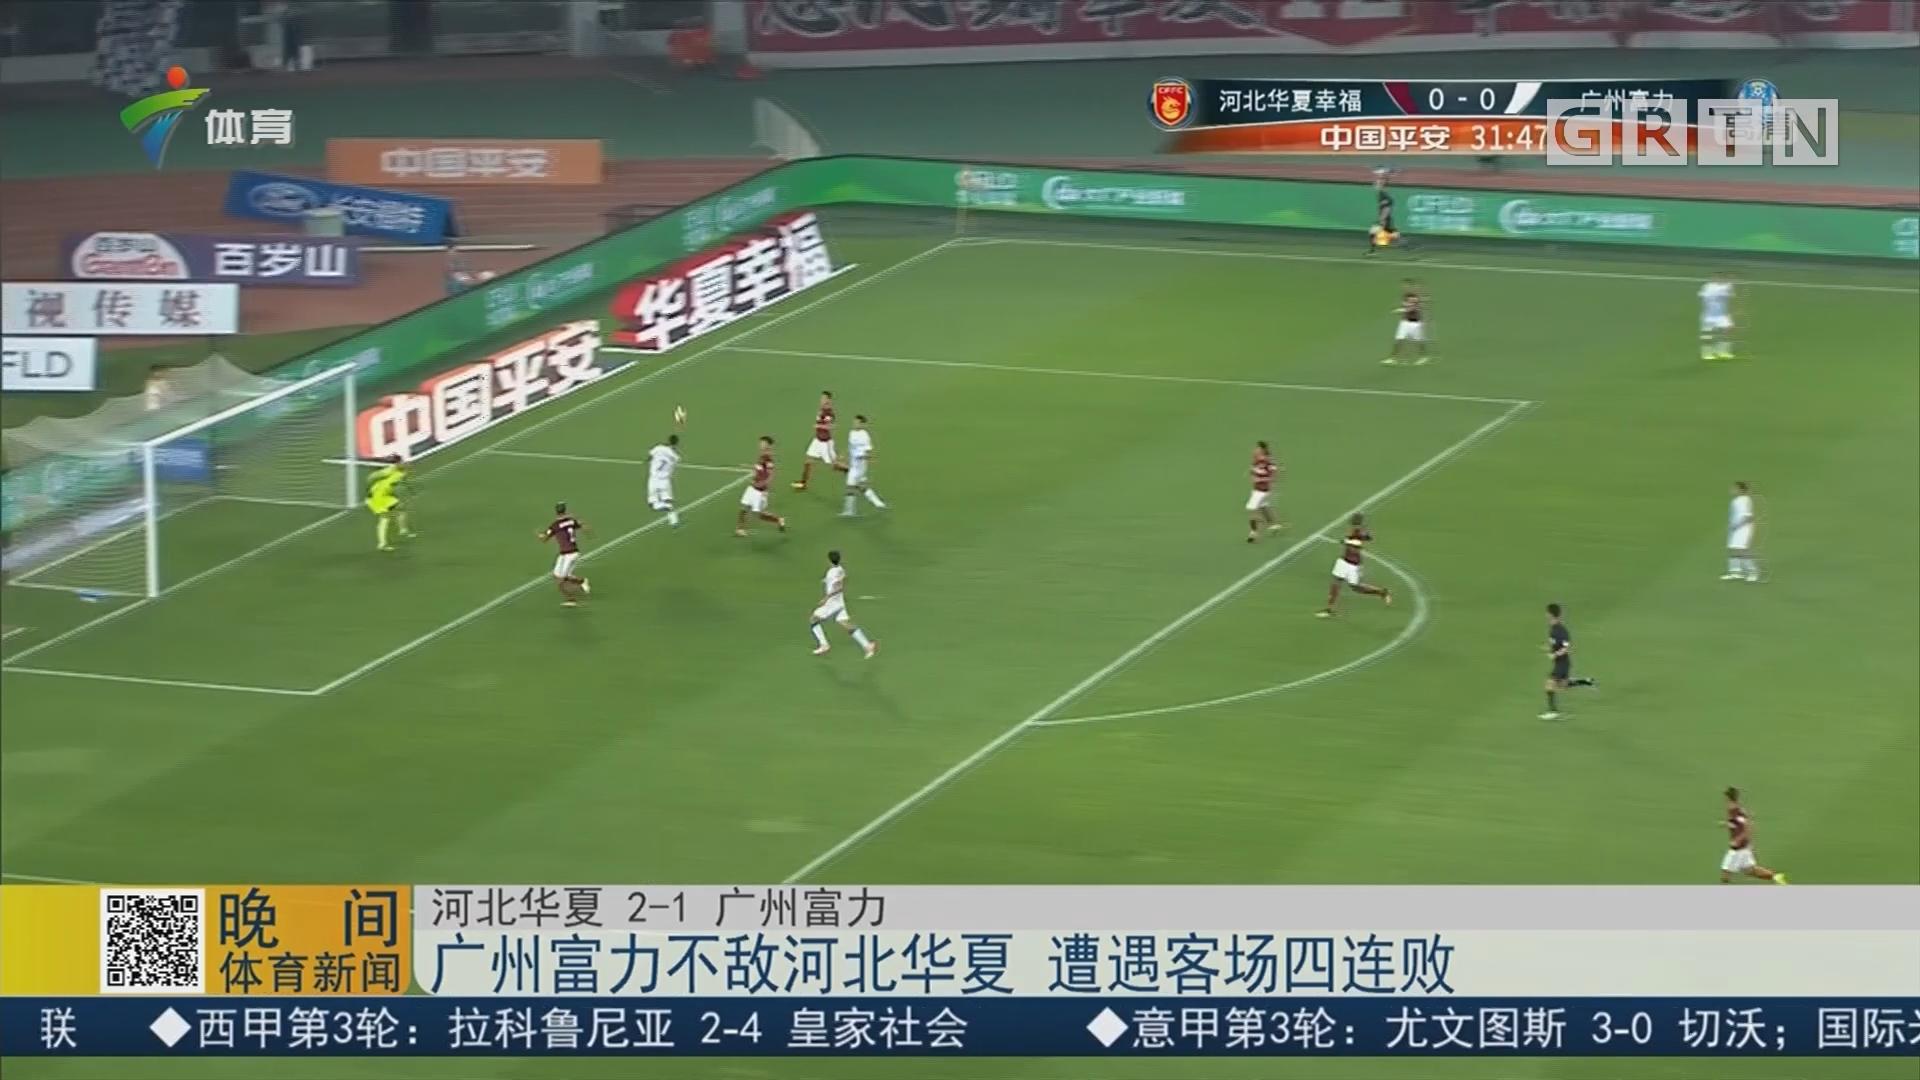 河北华夏2—1广州富力:广州富力不敌河北华夏 遭遇客场四连败